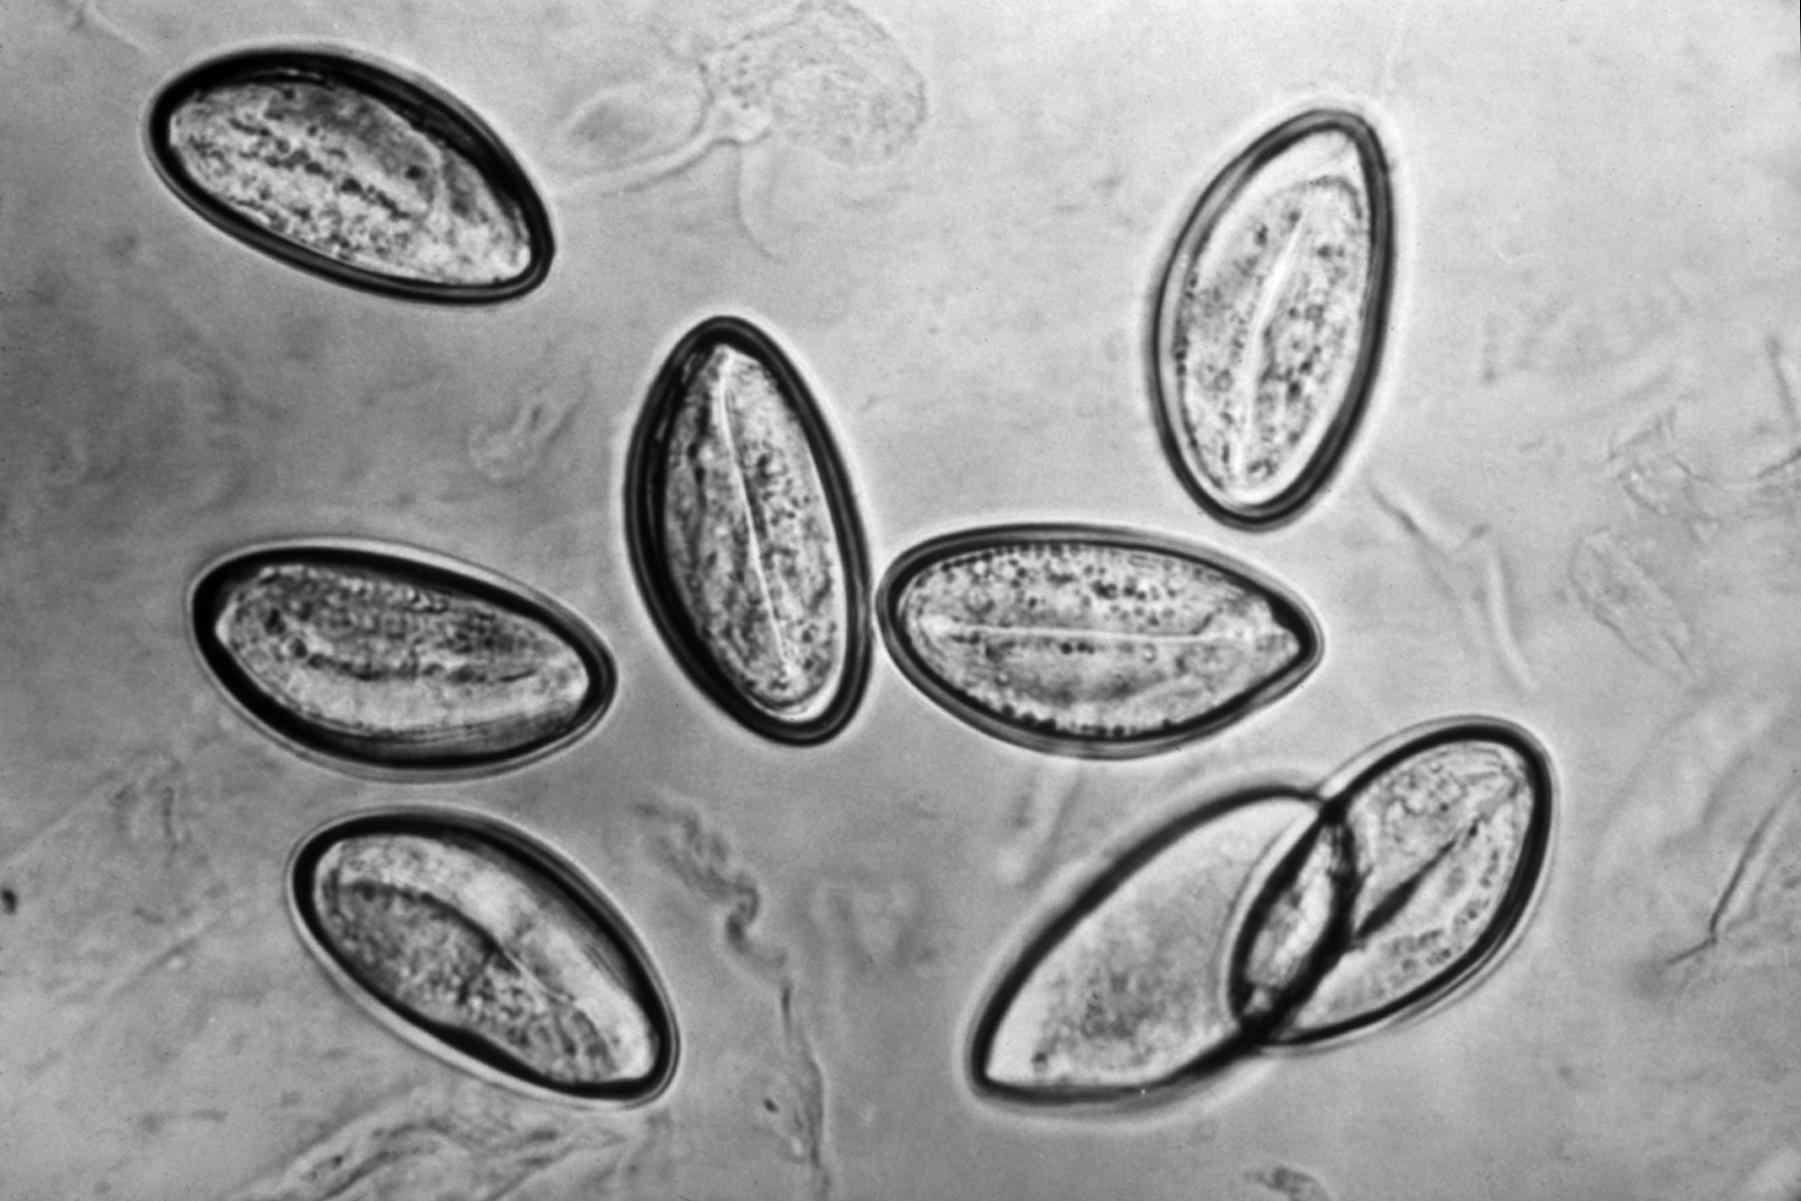 Enterobius vermicularis larva morfologia. Enterobius vermicularis